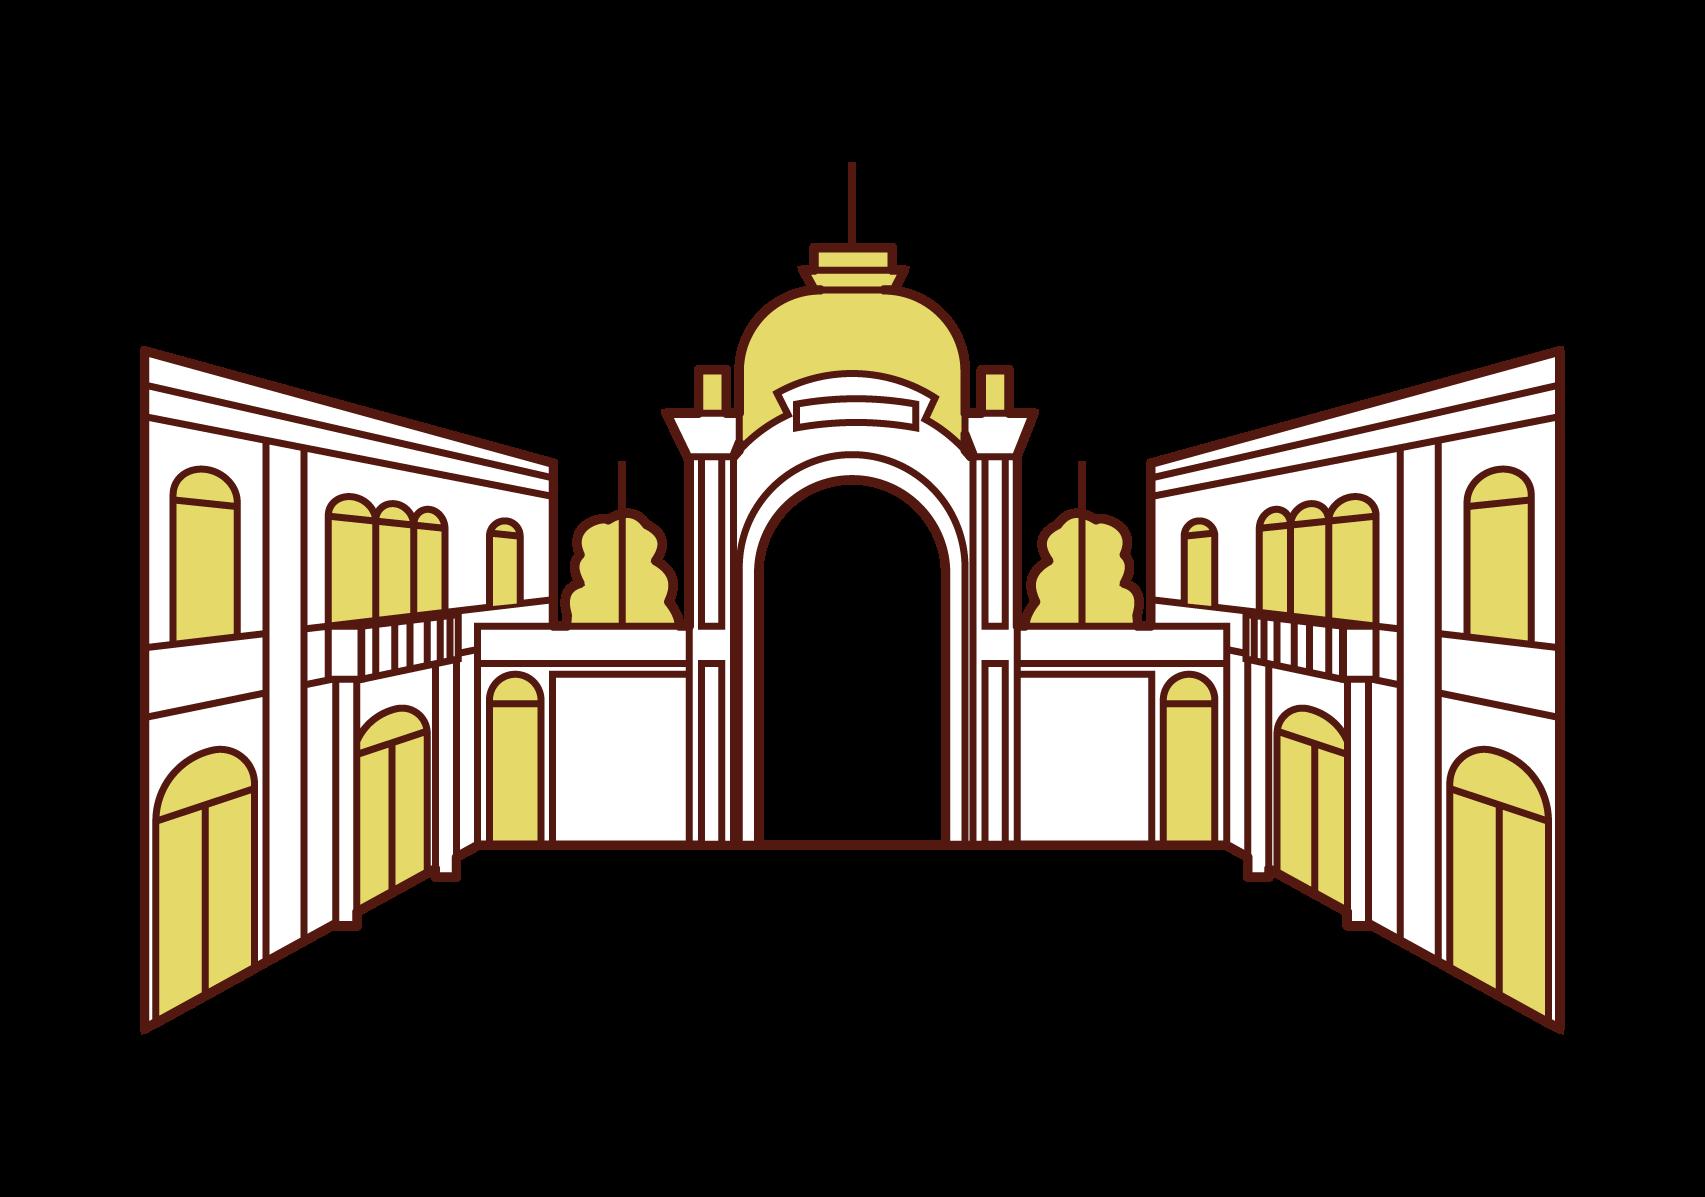 티볼리 공원의 삽화